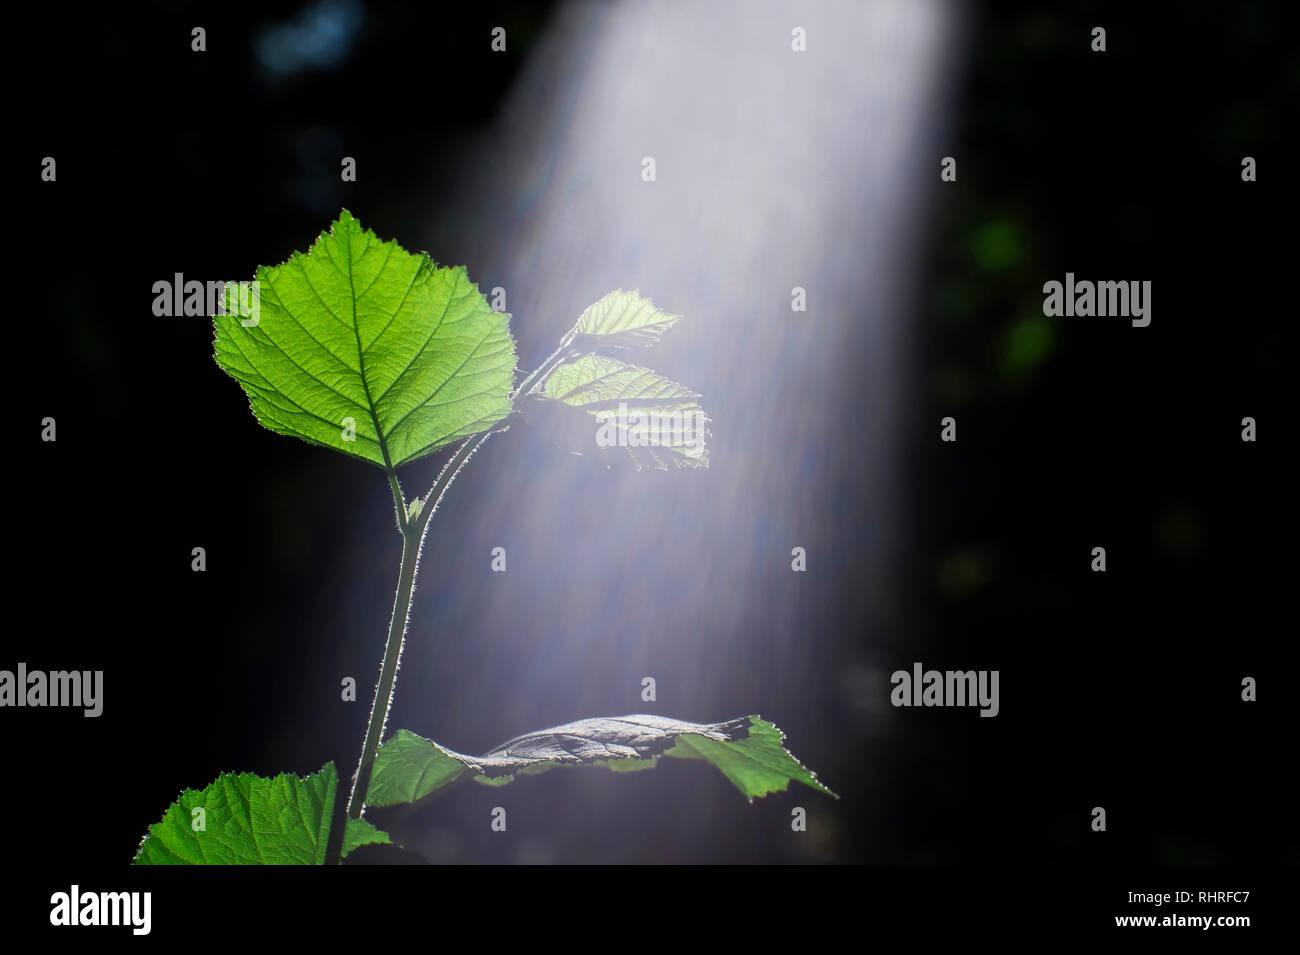 Green sprout d'une jeune branche d'un buisson de noisetiers illuminée par le soleil avec un spectre visible de la lumière. Le concept de photosynthèse des plantes. Le re Photo Stock